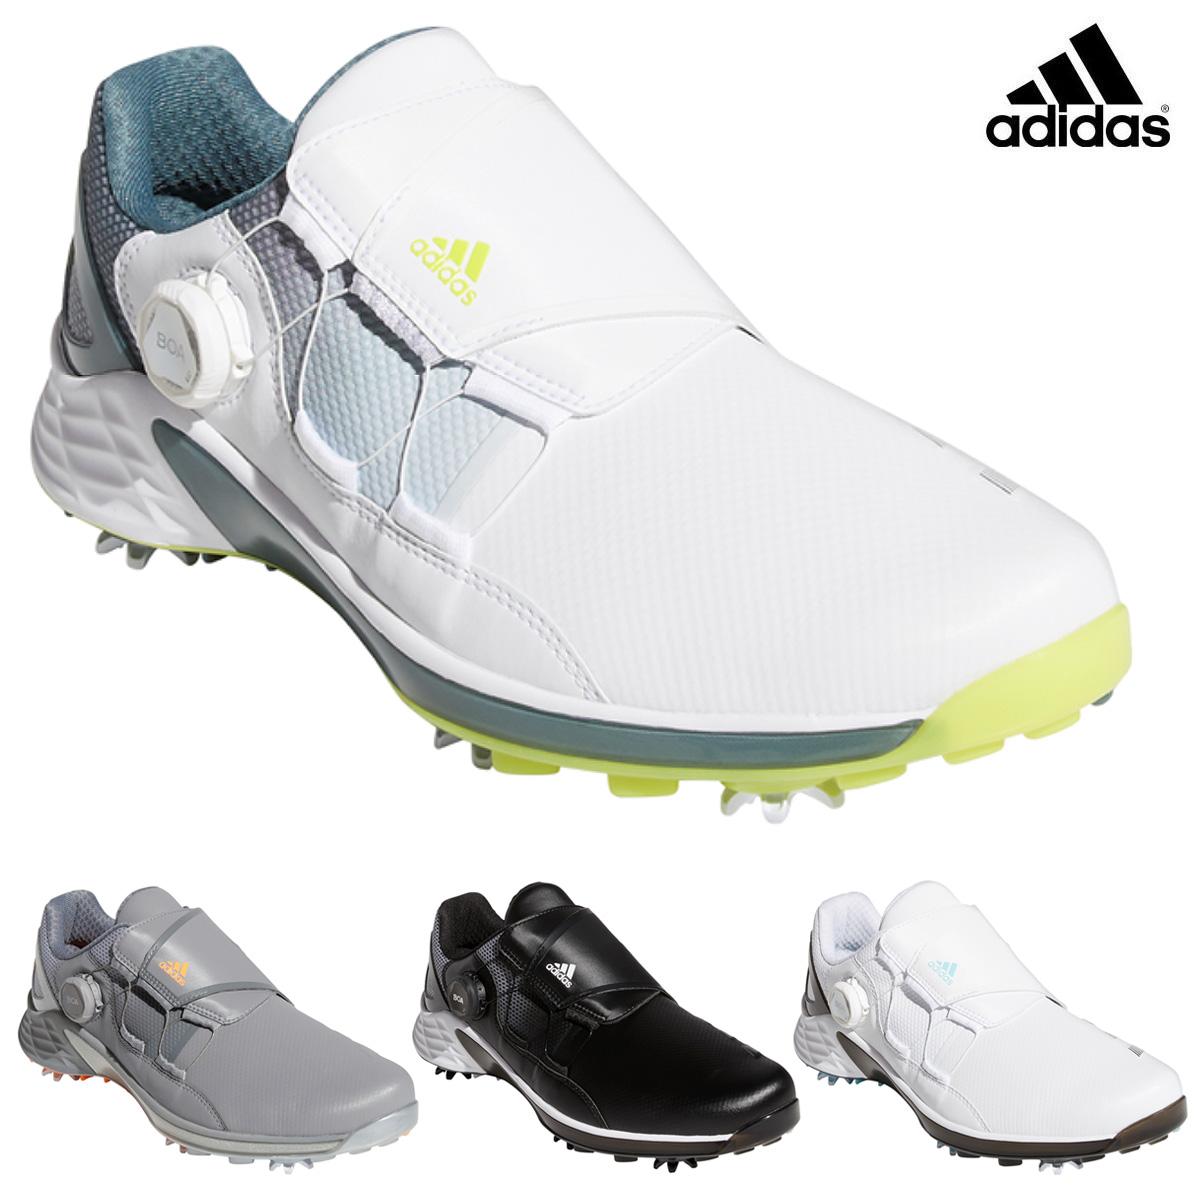 お買い得品 妥協ZERO全てを叶えたこの軽さ adidas Golf アディダスゴルフ 日本正規品 ZG21 ソフトスパイクゴルフシューズ 2021新製品 ゼットジー21ボア あす楽対応 KZI02 驚きの値段で BOA